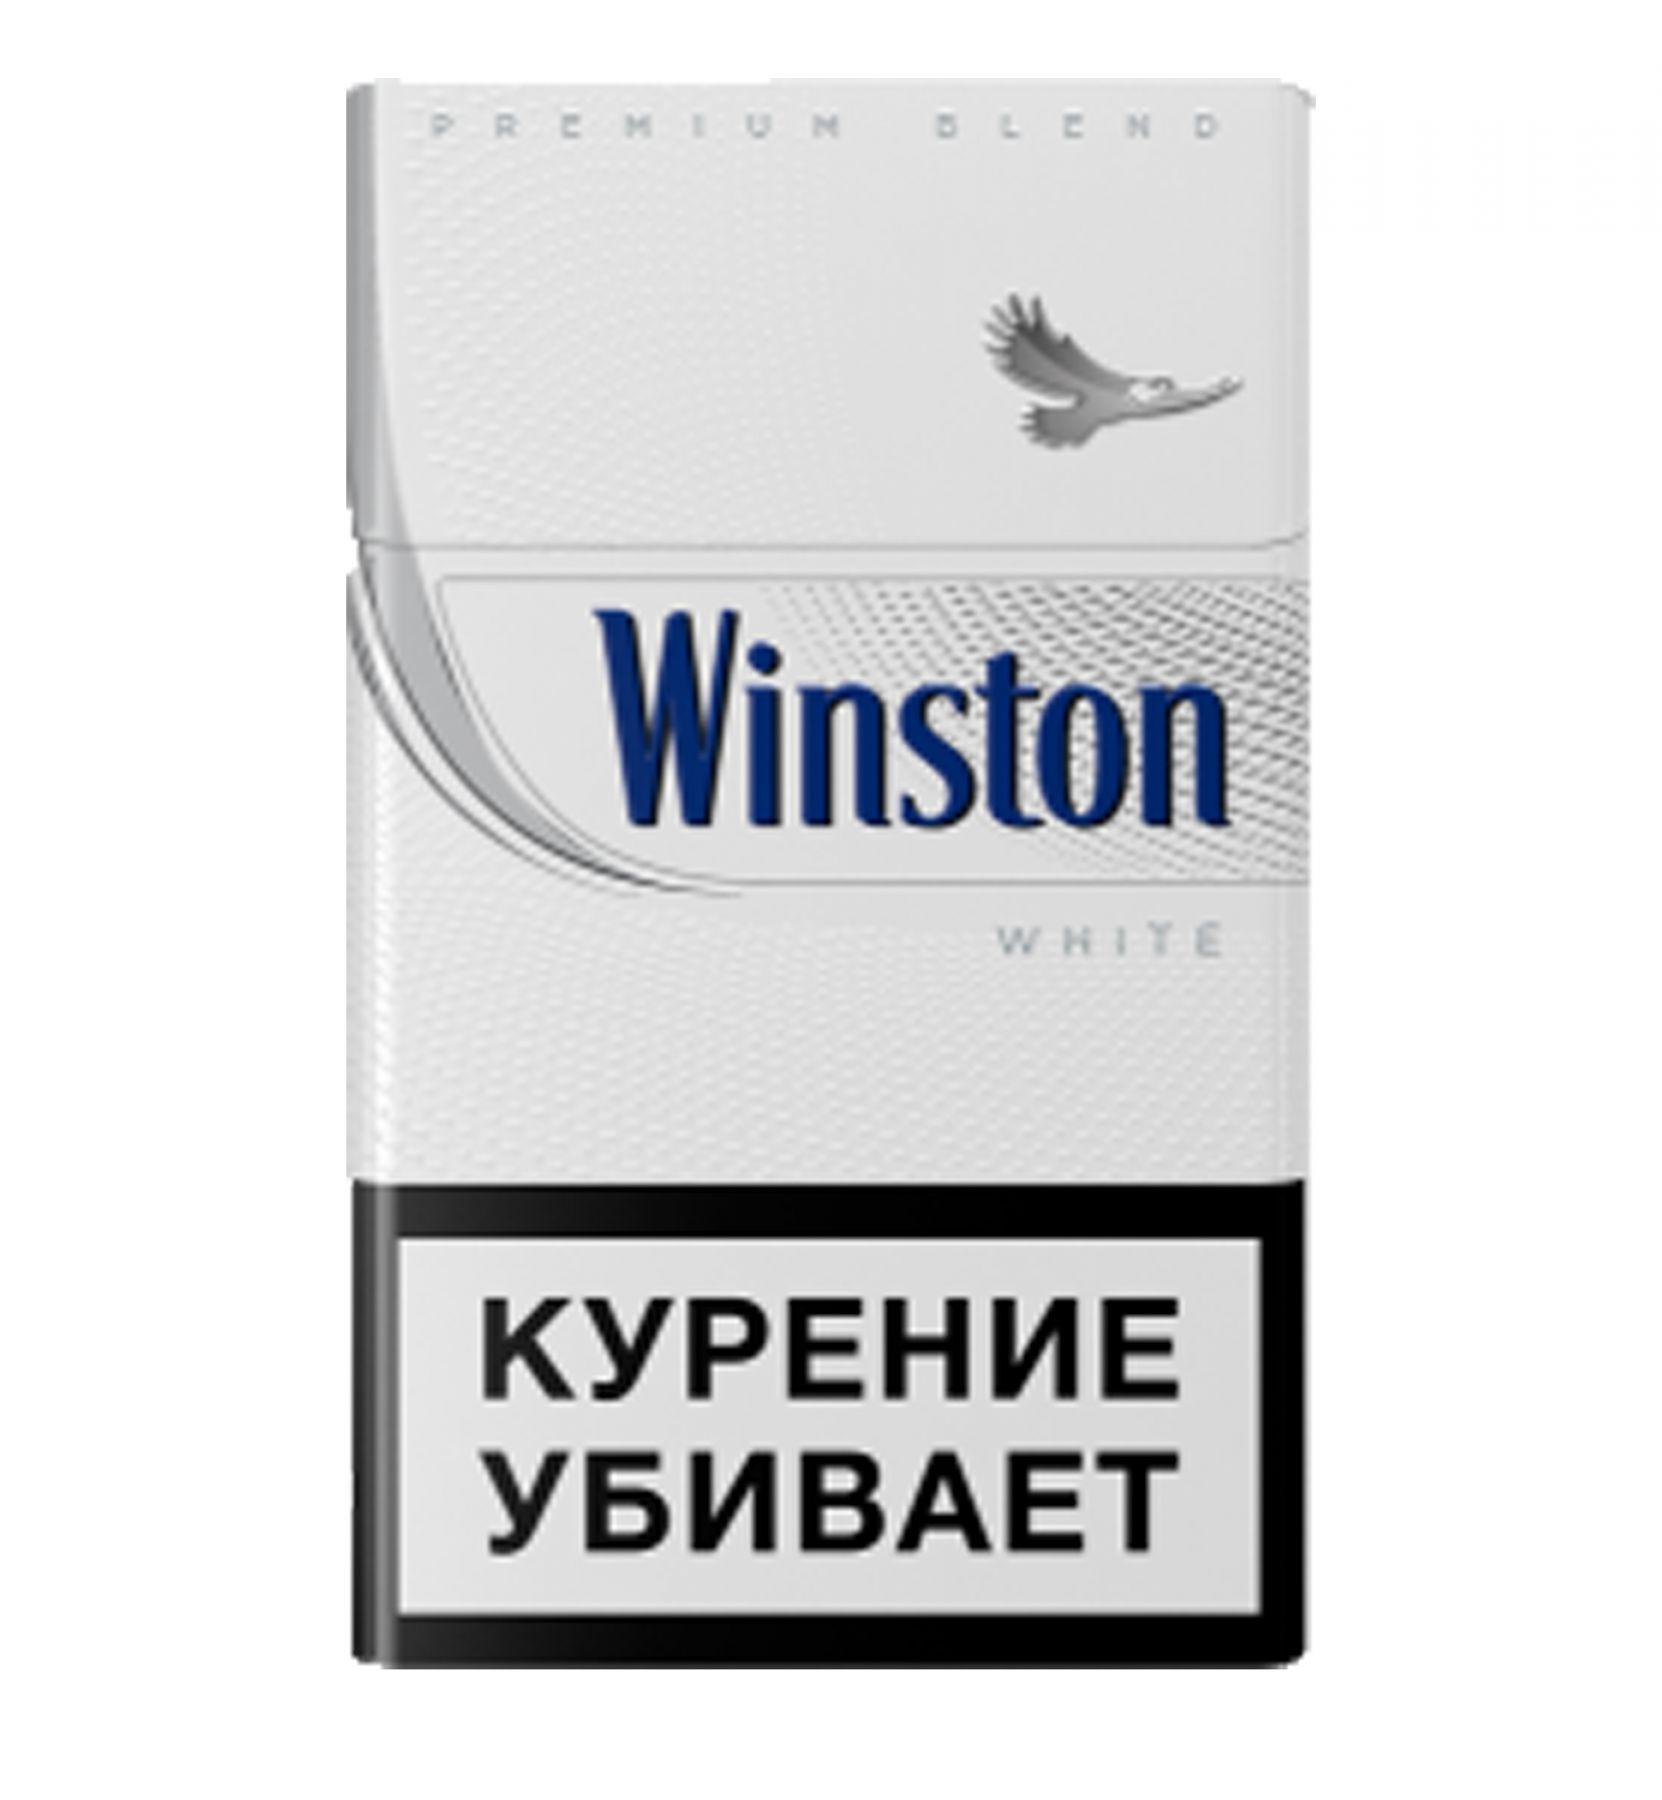 Сигареты винстон в спб купить дешево онлайн сигареты магазин